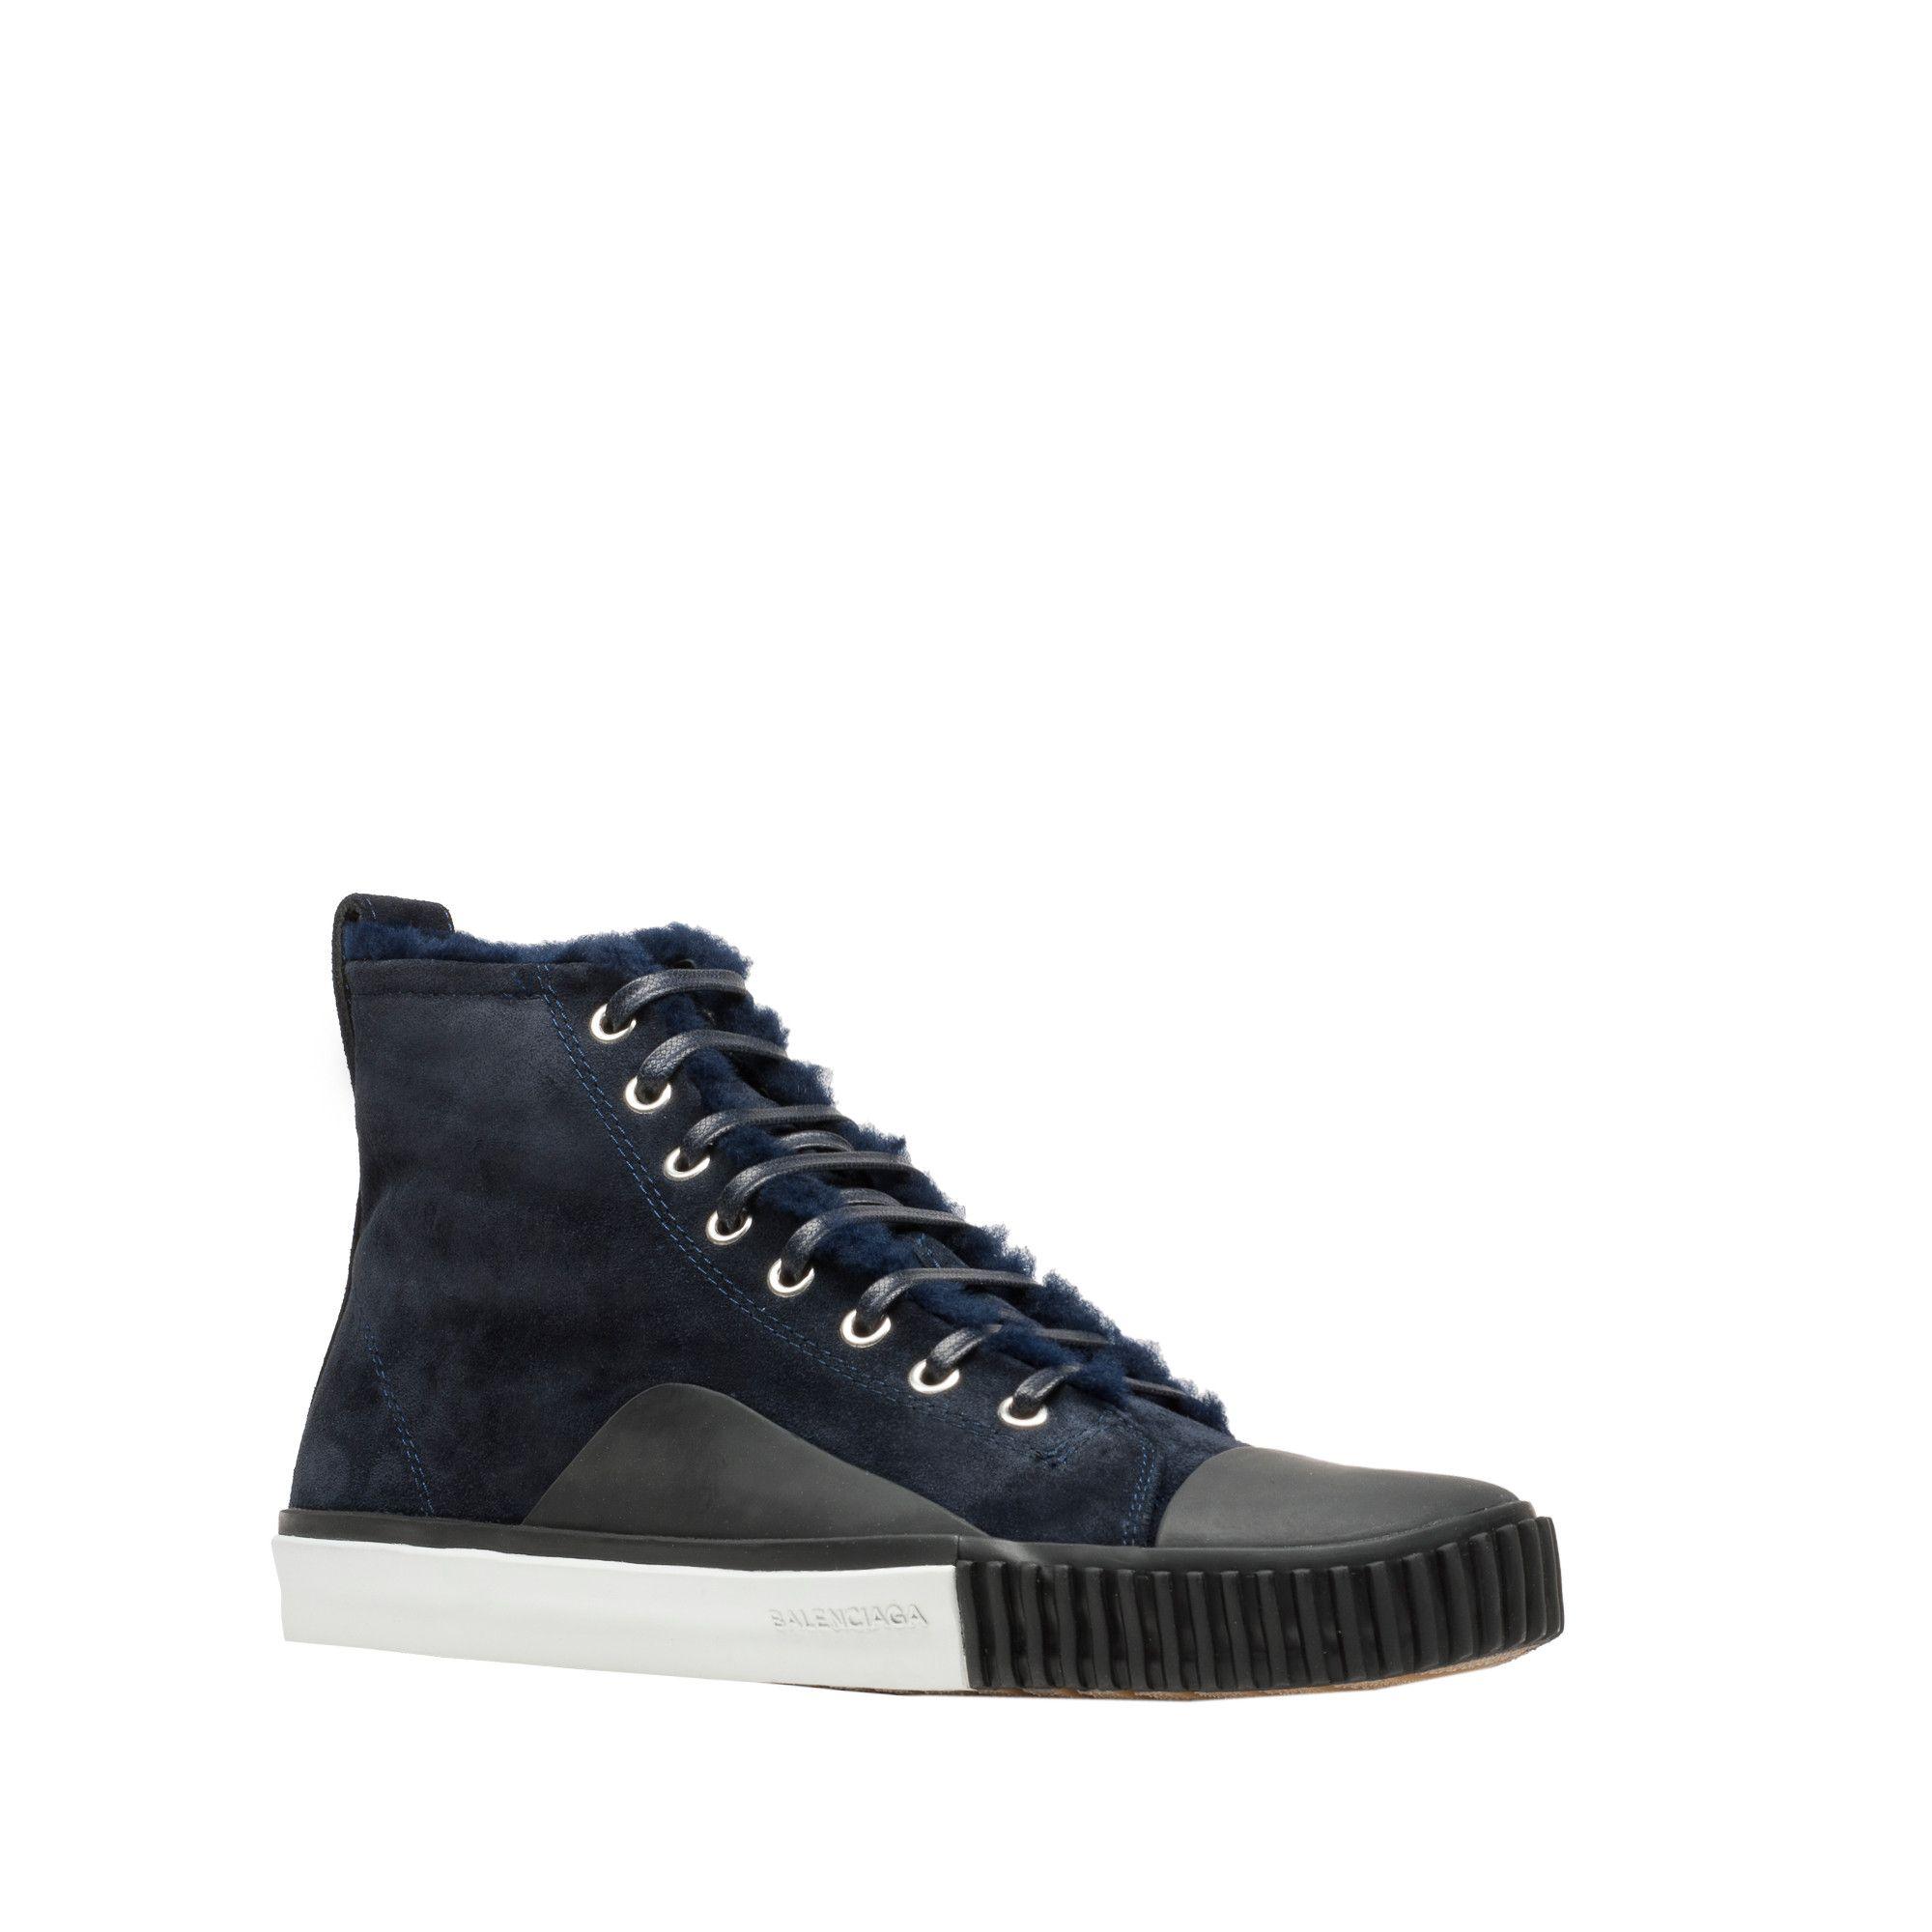 0b5c76c08934 Balenciaga S Triple S Balenciaga 2.0 Men Size US9  huge selection of 4f6e3  00411 Balenciaga Blue Young High Sneakers for Men Lyst ...